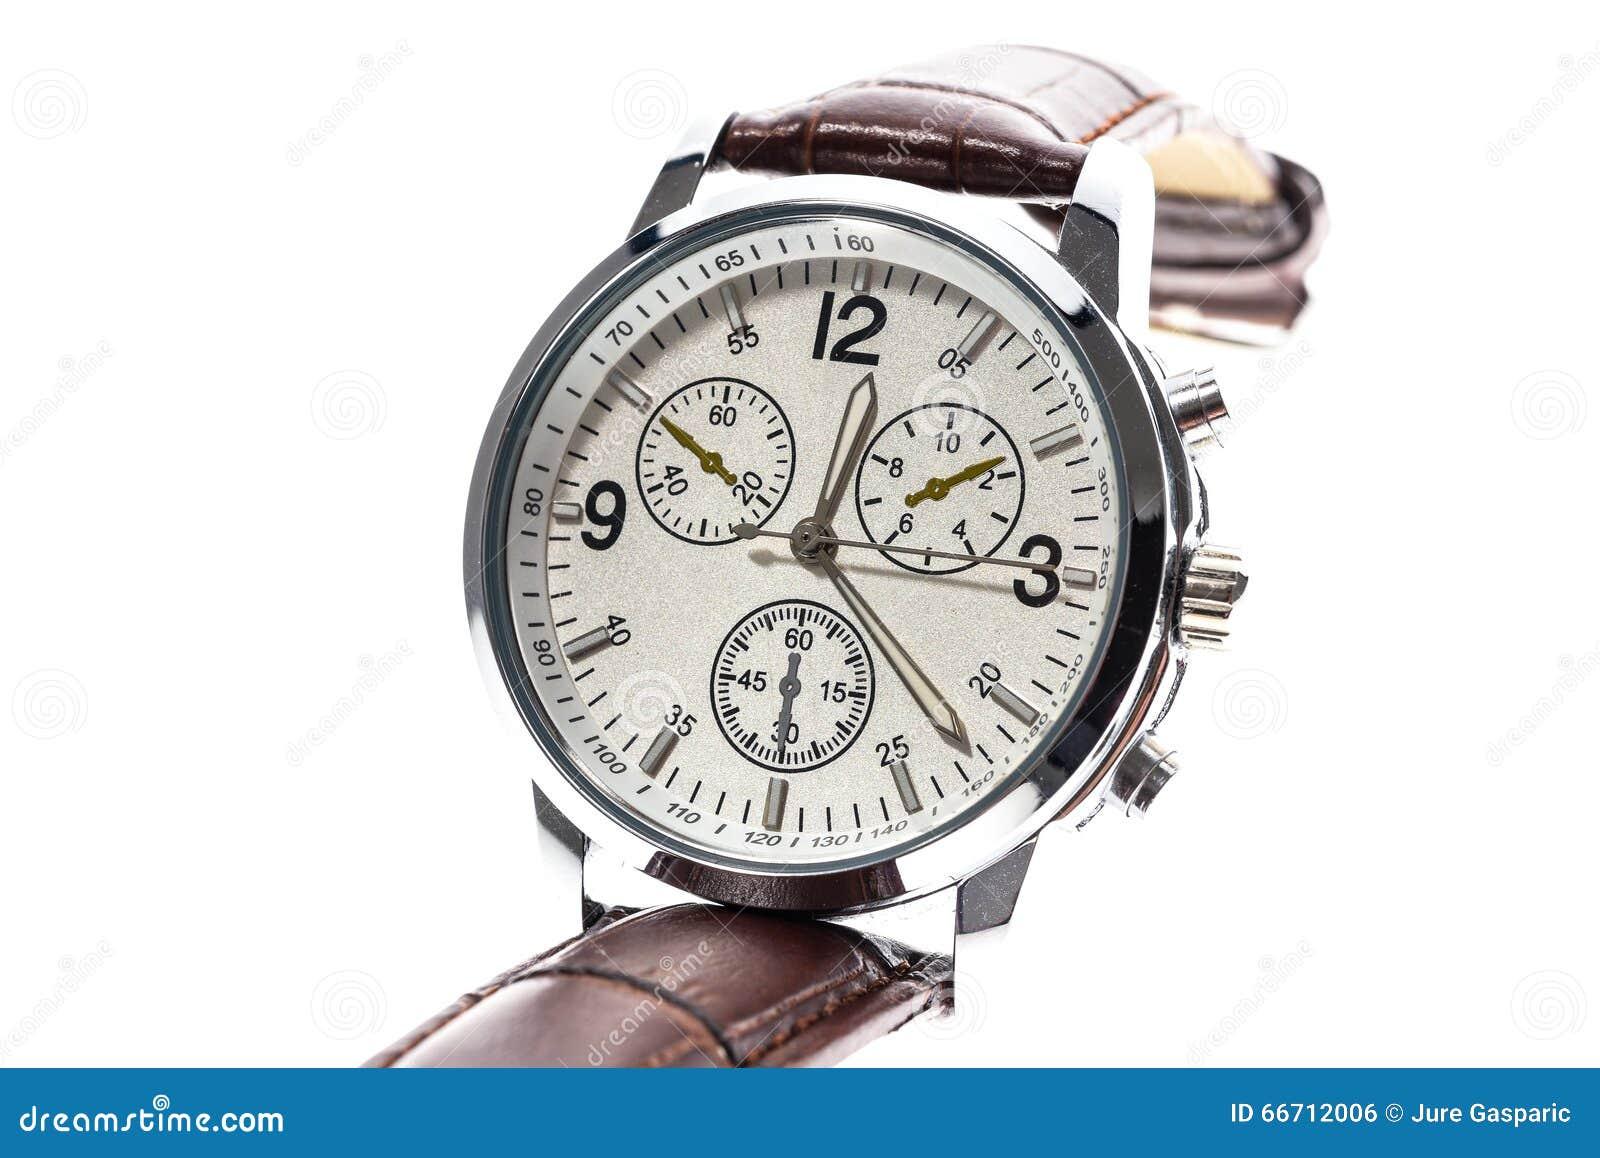 5e7743bc609 Relógio de pulso mecânico suíço redondo luxuoso dos homens com a correia de  couro do punho Cronógrafo ou tacômetro isolado no branco Foto de alta  resolução